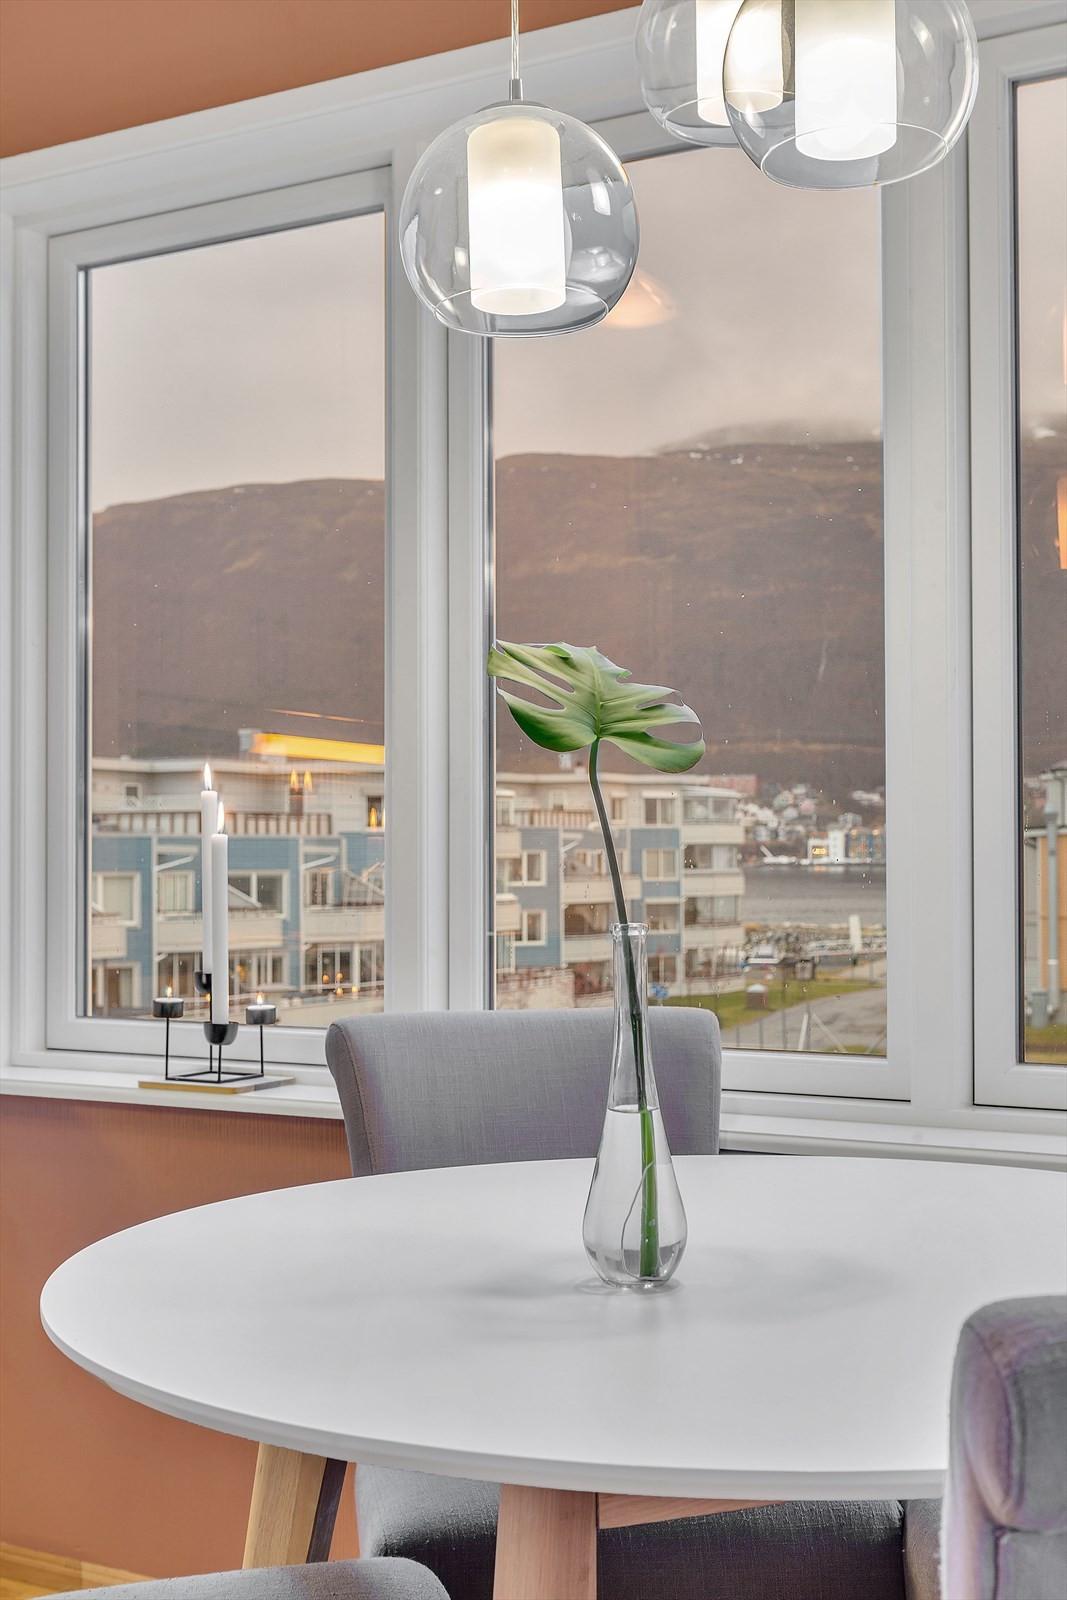 Da dette er en endeleilighet er det vinduer ned mot havet også. Flott utsikt fra spisestuen.